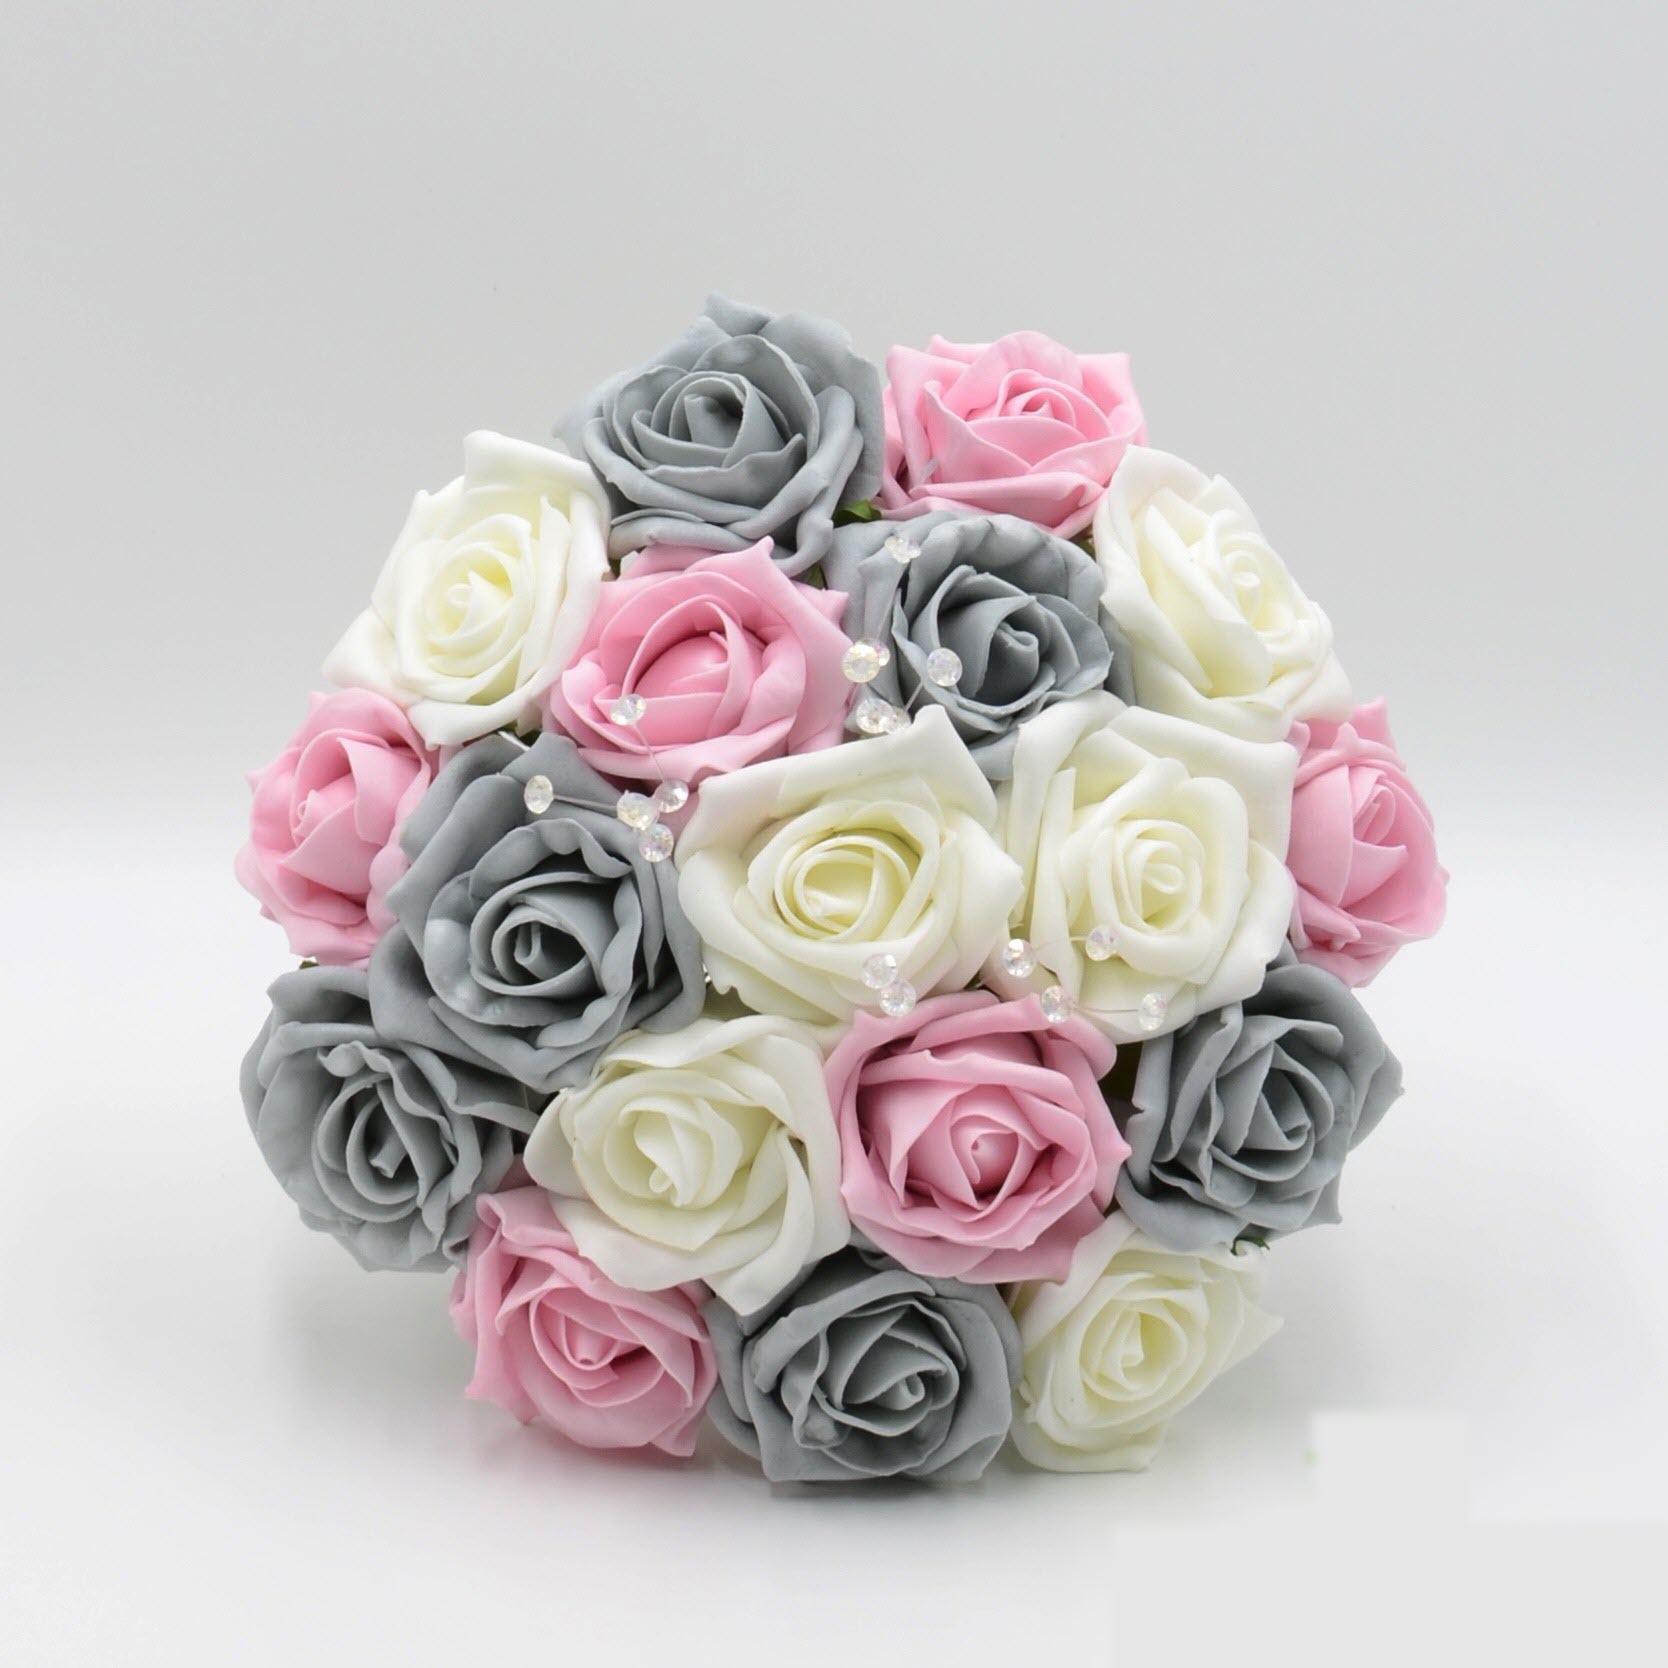 Mẫu hoa cưới đẹp nhất cho cô dâu